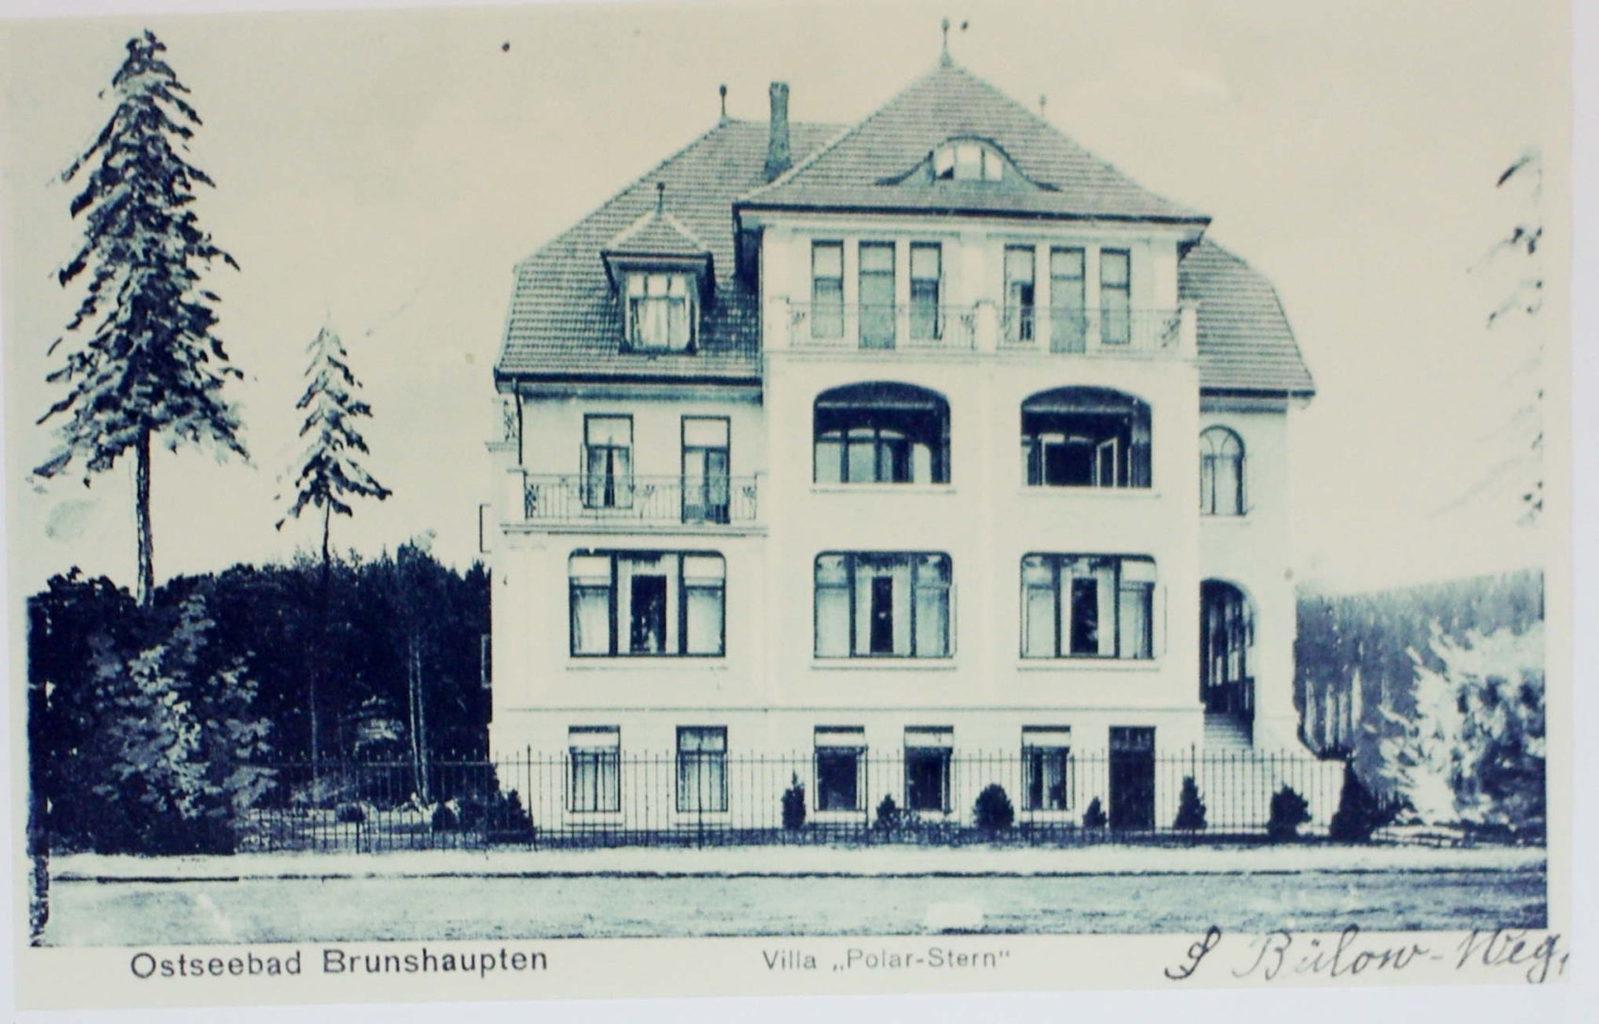 Historische opname van Hotel Polarstern in Kühlungsborn